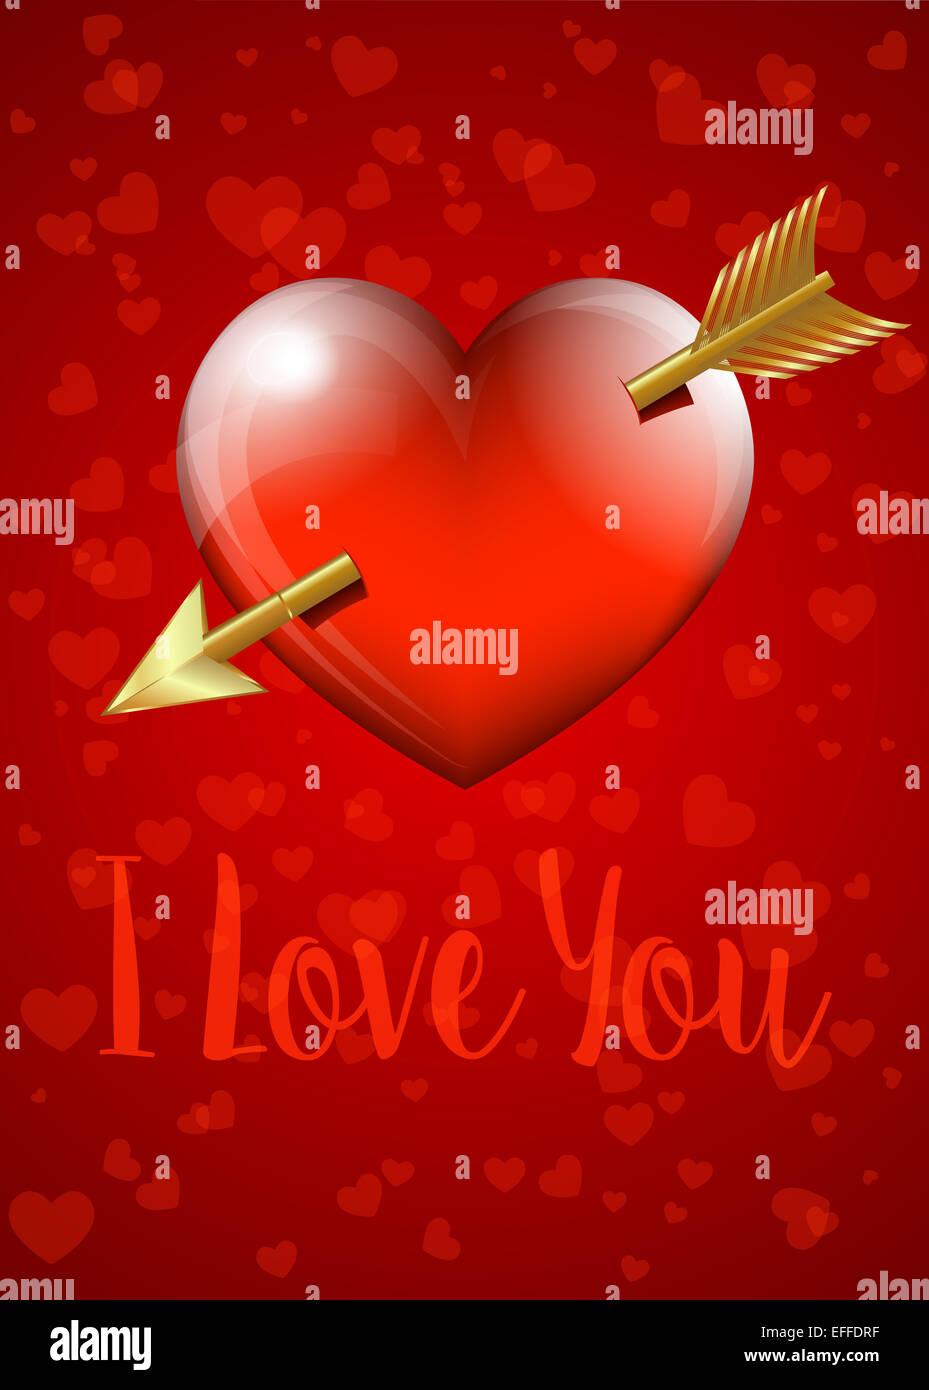 Ich Liebe Dich Valentinstag Herz Mit Pfeil Karte Stockfoto Bild